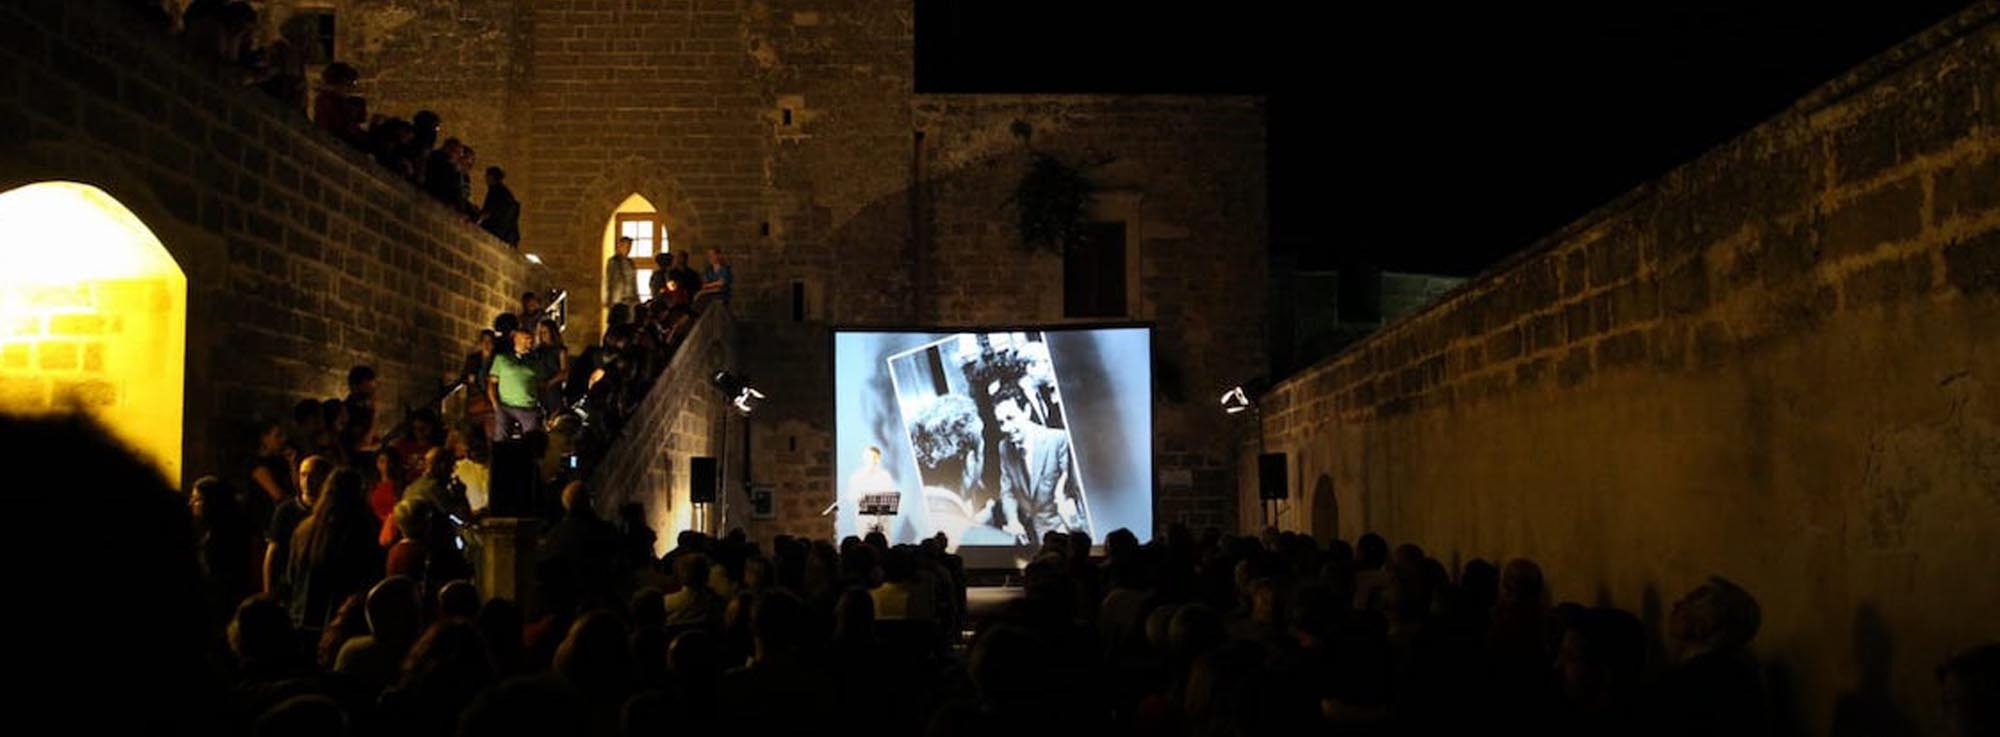 Corigliano d'Otranto: Castello Volante di Corigliano d'Otranto